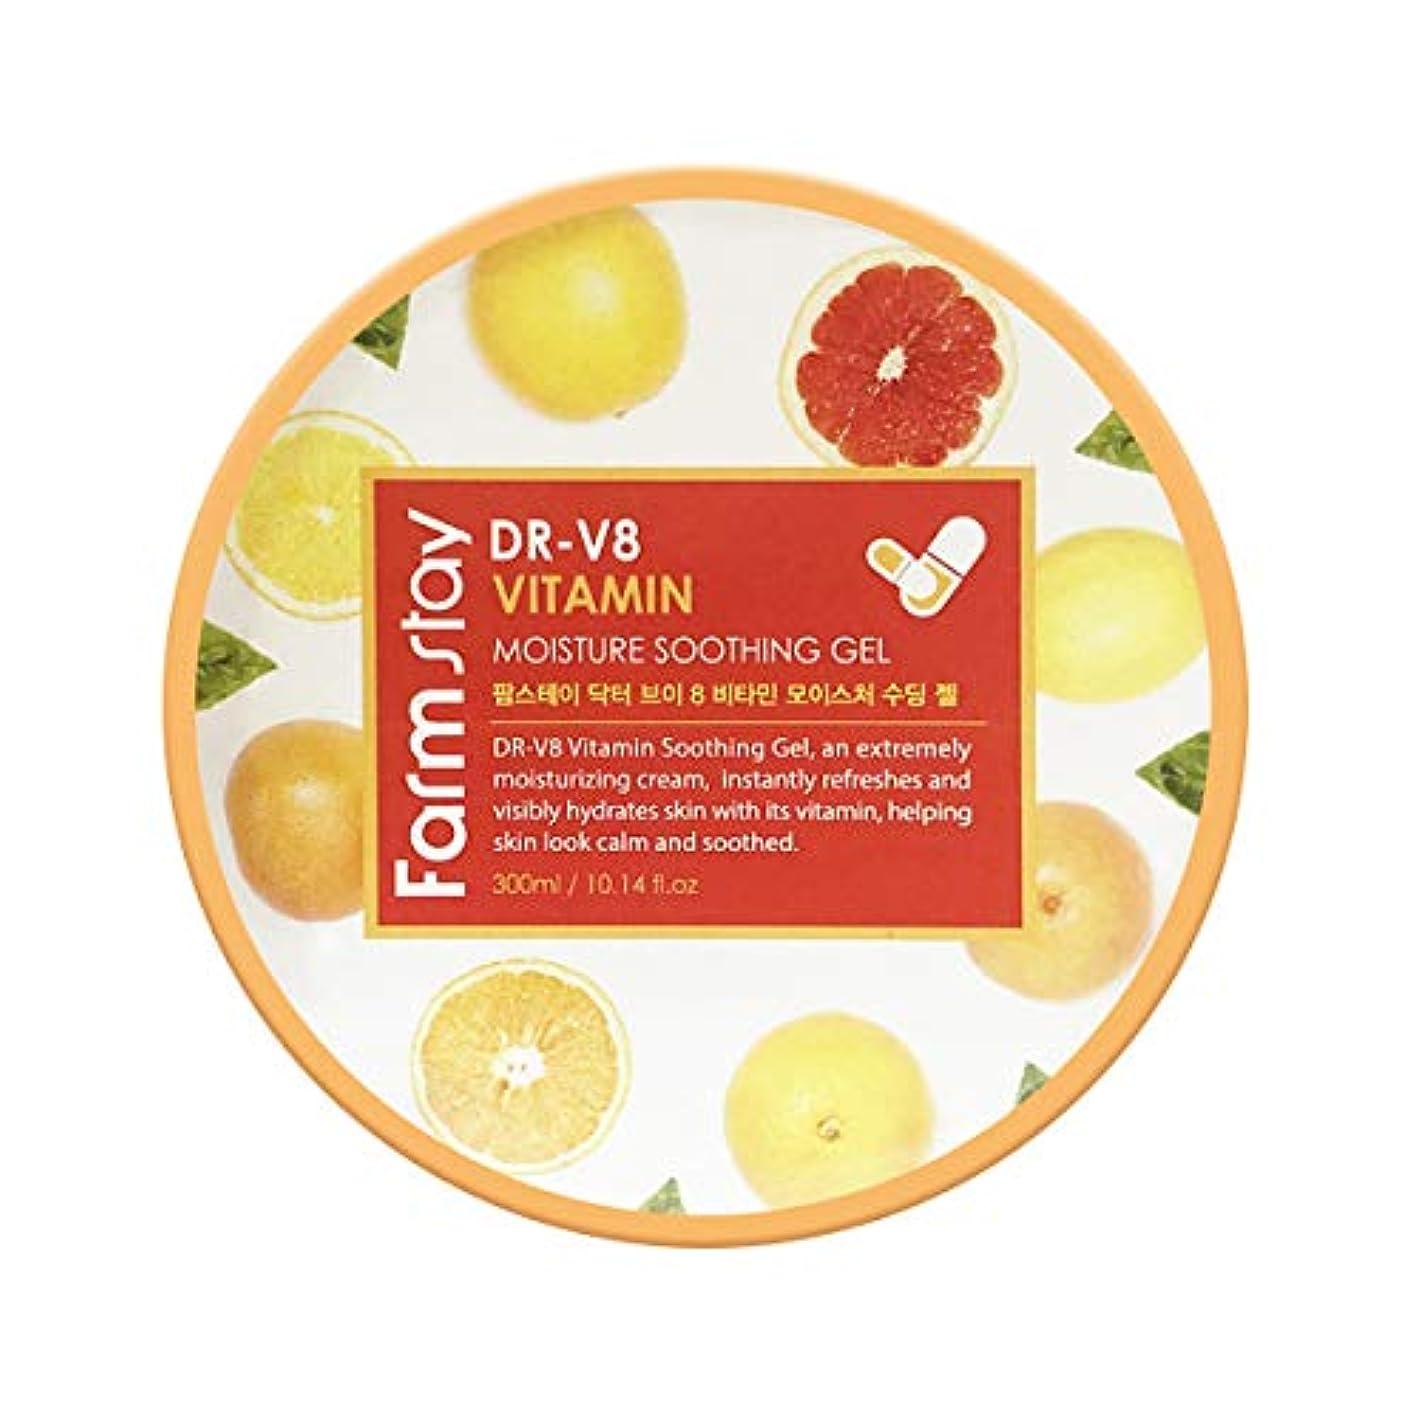 役職暗殺者力学[Farmstay] ファームステイ DR-V8 Vitamin ビタミン Moisture Soothing Gel スディンジェル300ml